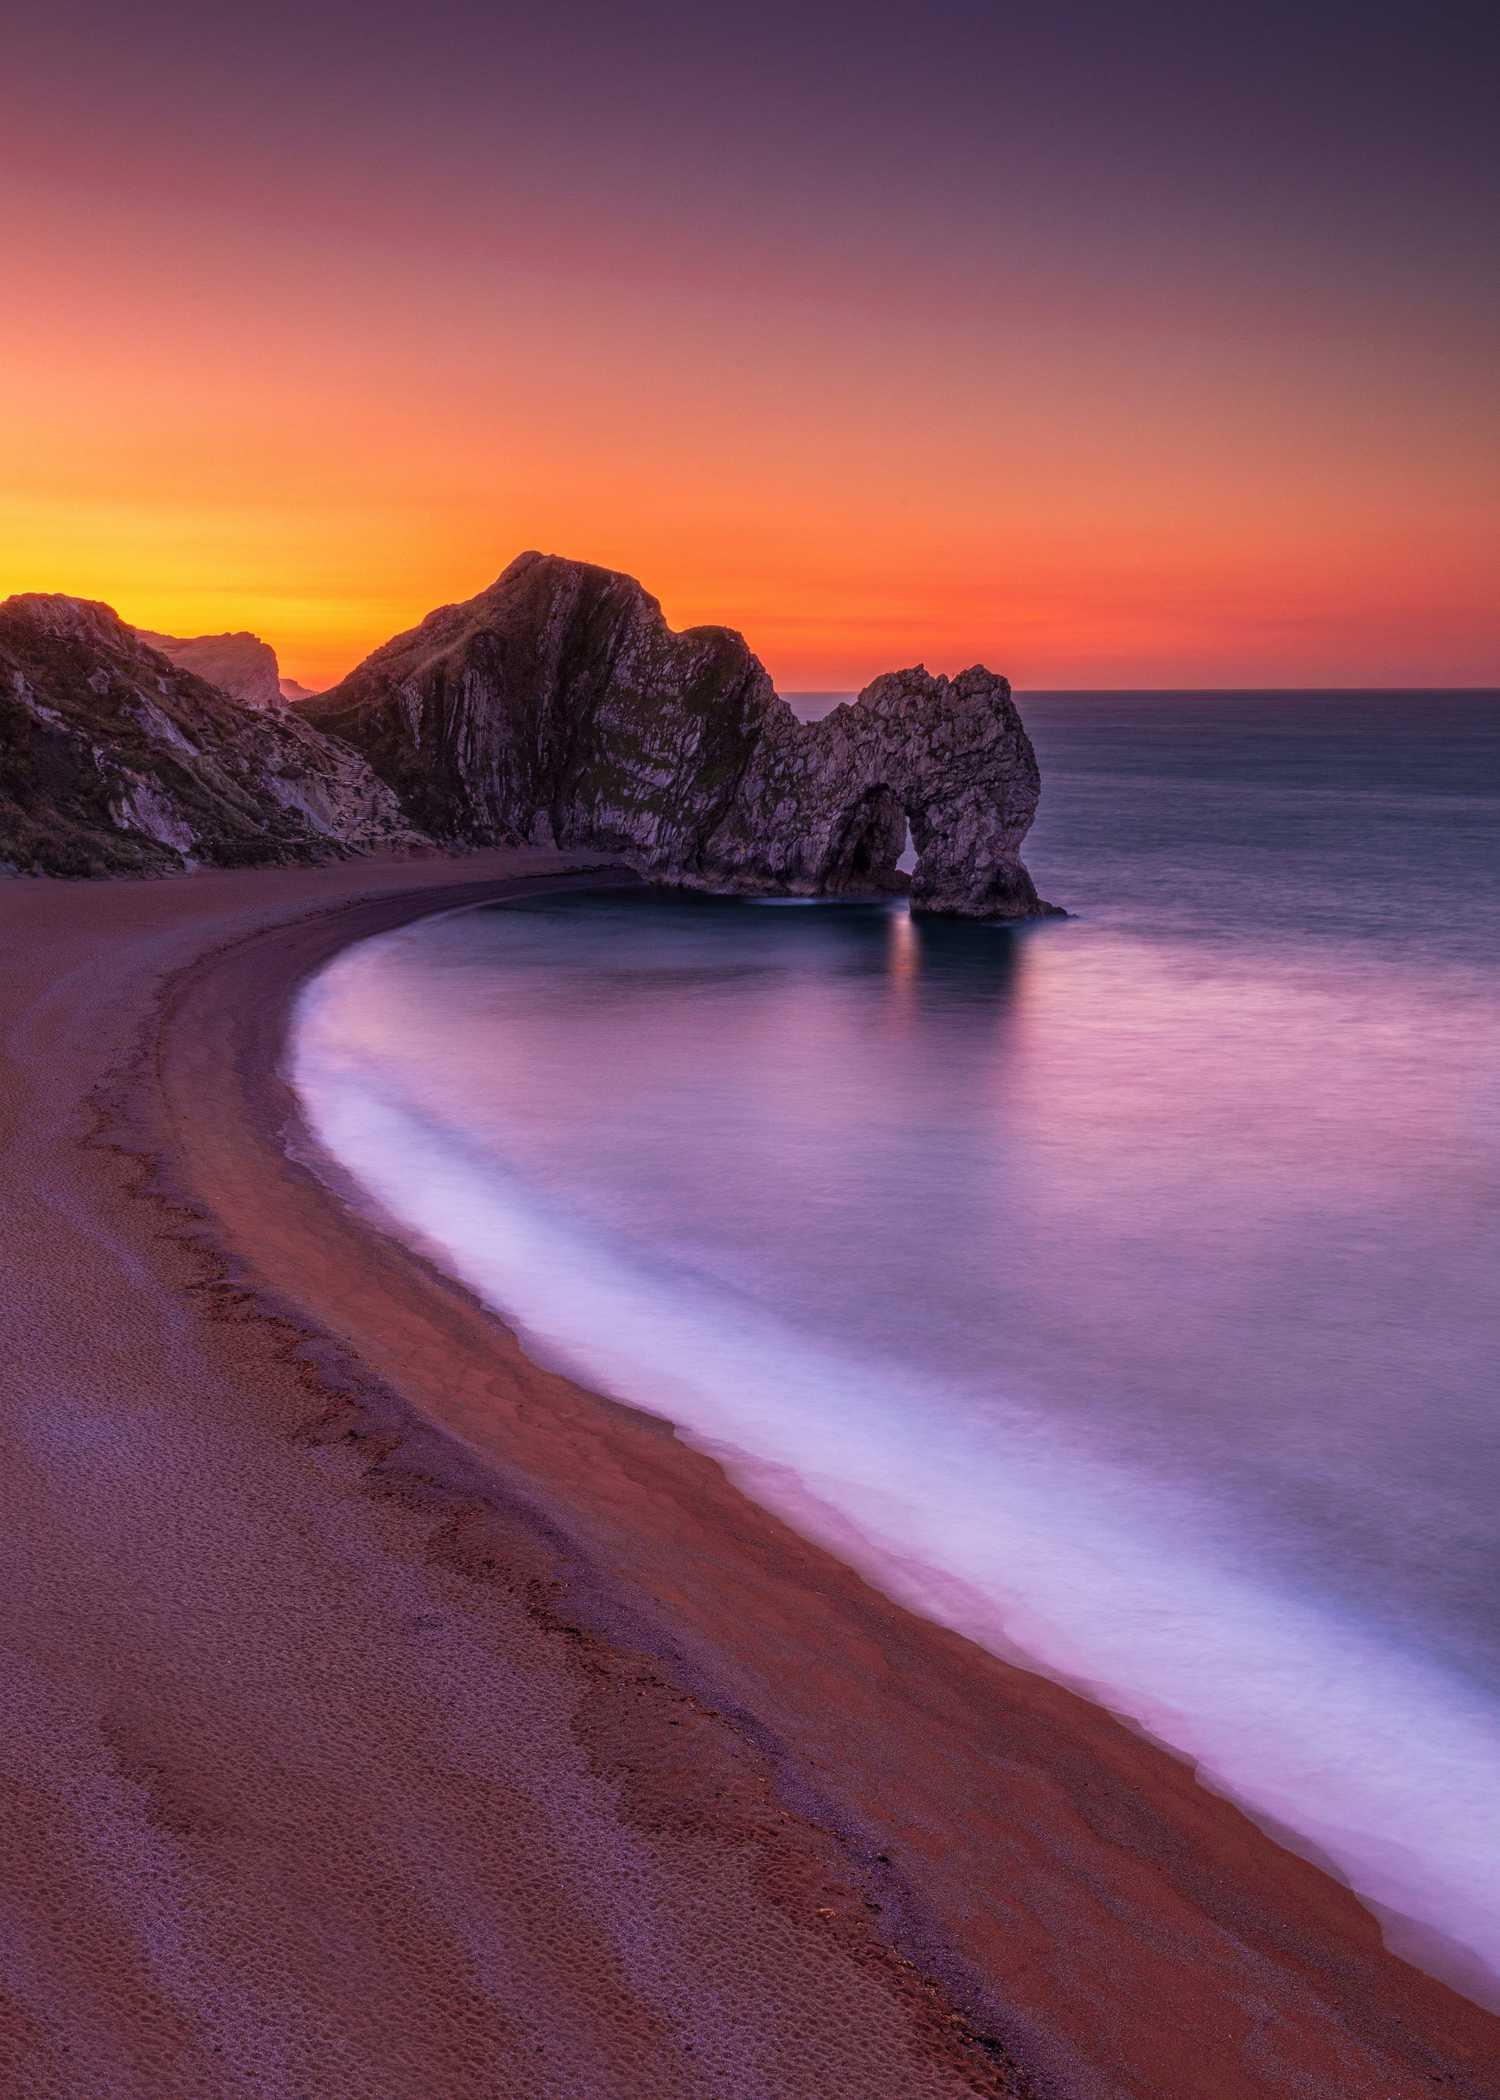 Fotografía de paisaje al amanecer en la costa, en larga exposición